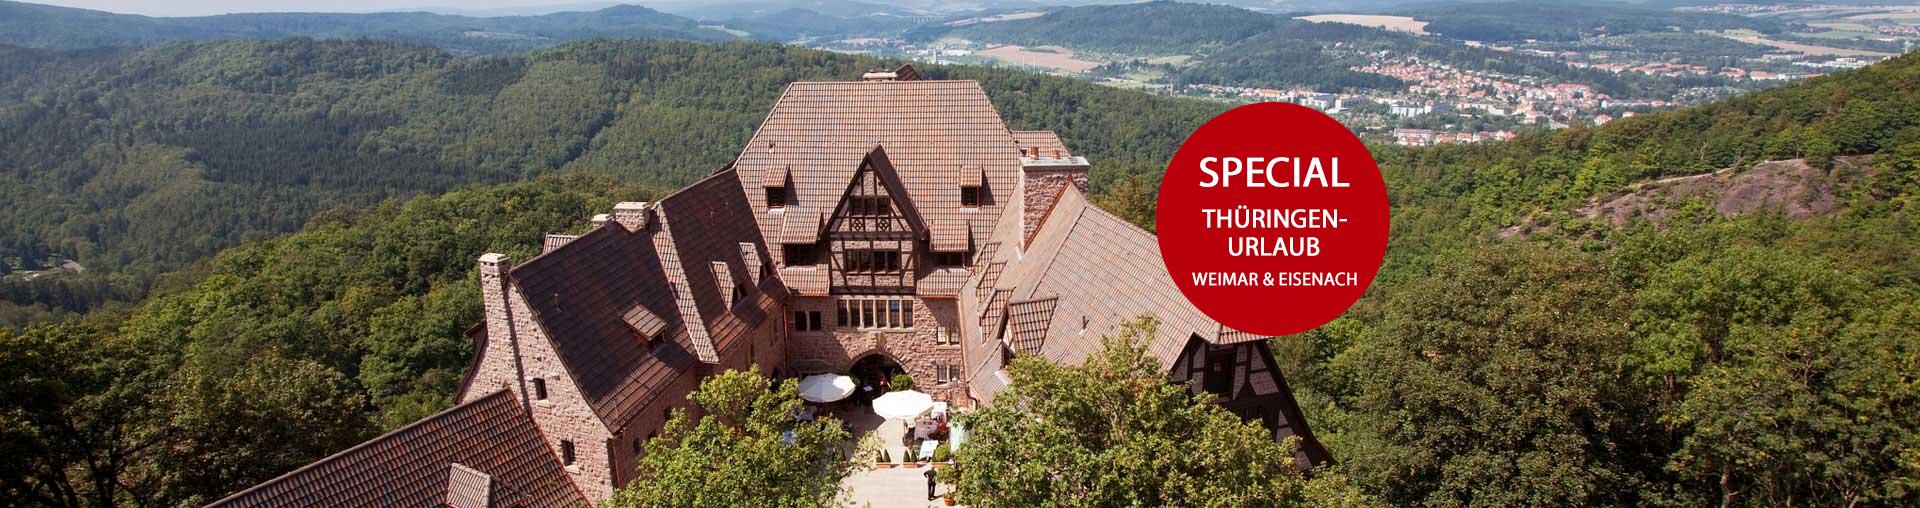 Romantik Hotel auf der Wartburg in Eisenach Special Thüringen Urlaub